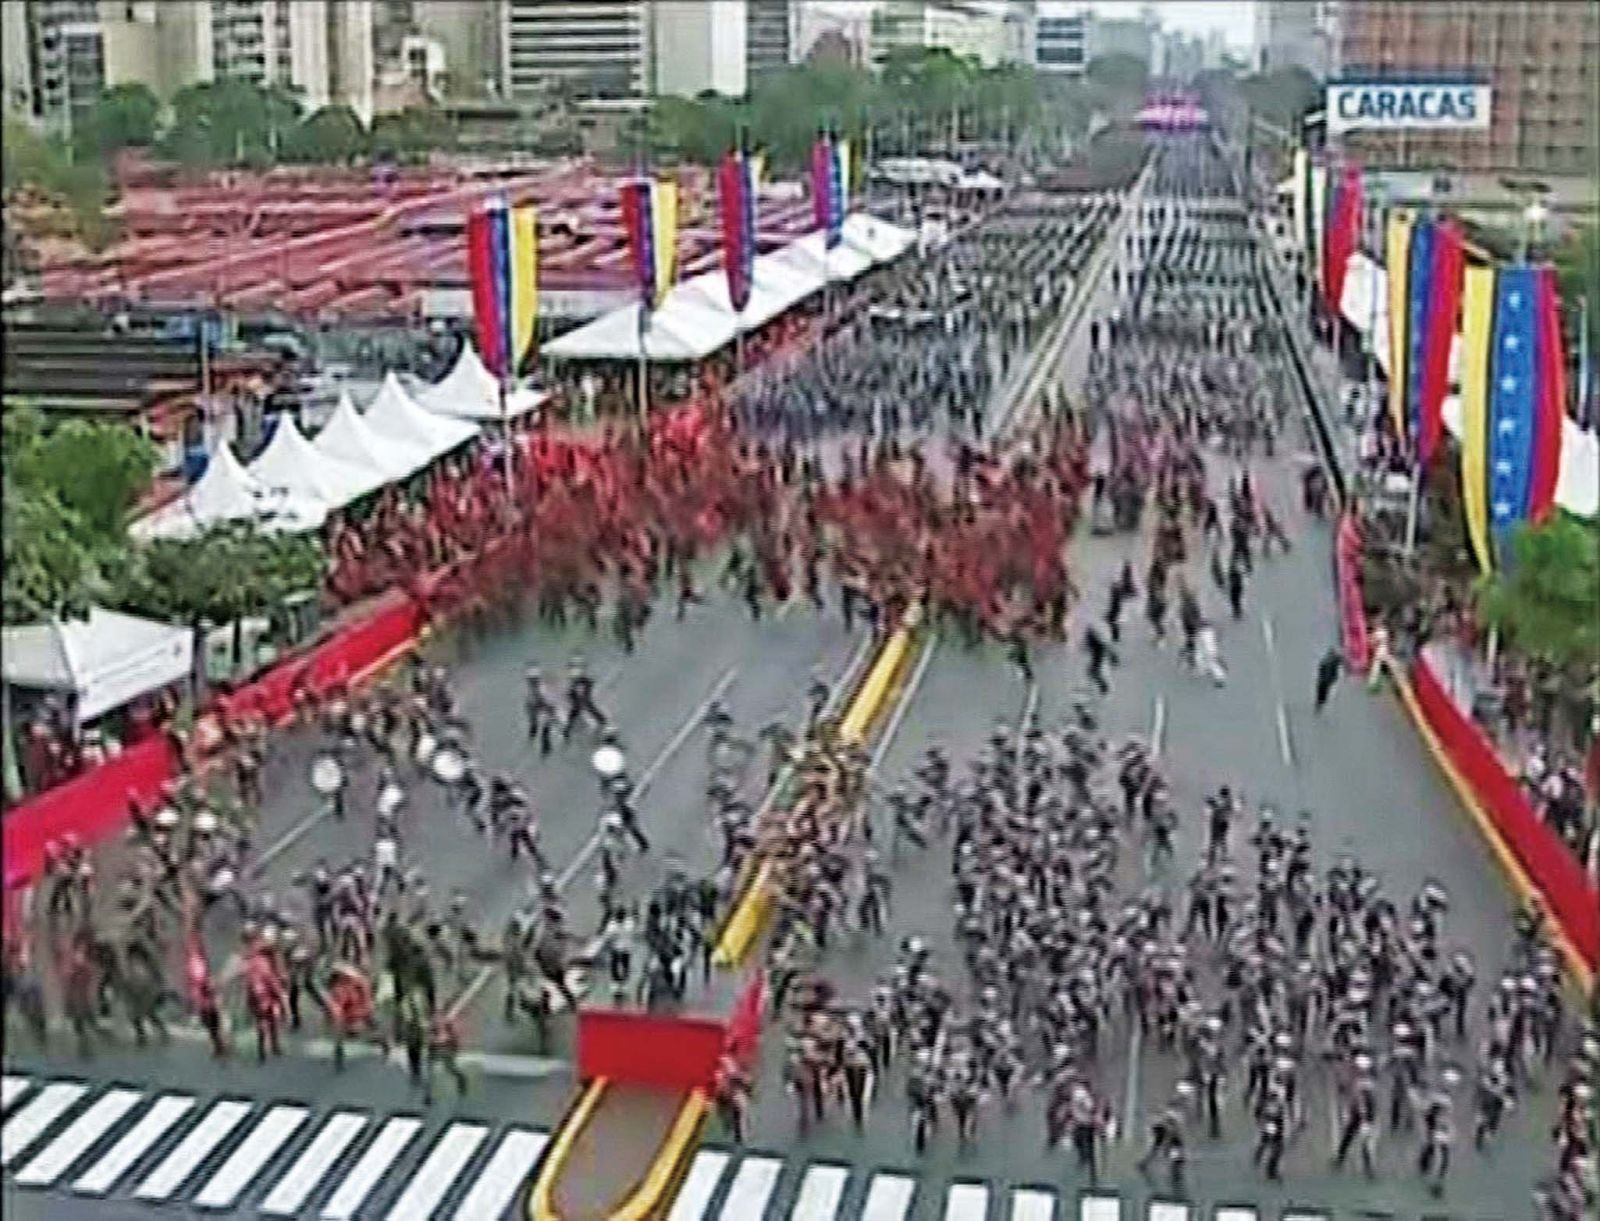 馬杜羅劍指哥倫比亞 促特朗普幫忙抓人